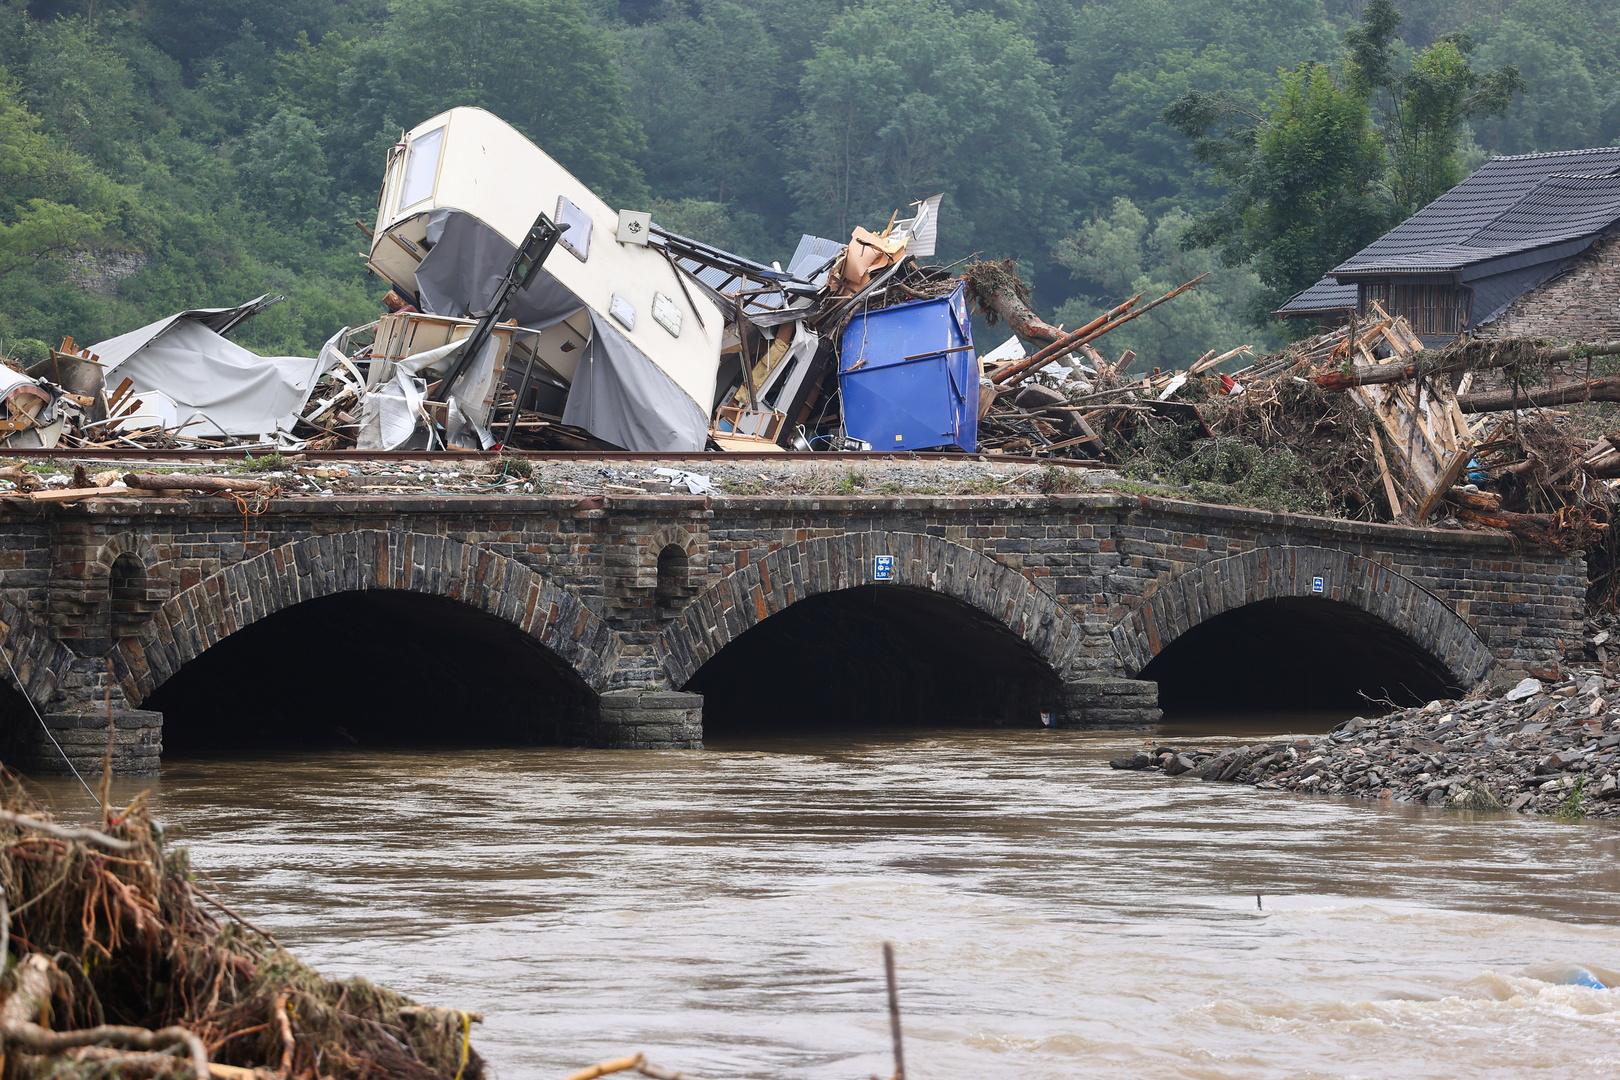 رئيس وزراء هولندا: فيضانات أوروبا مرتبطة بالتغير المناخي